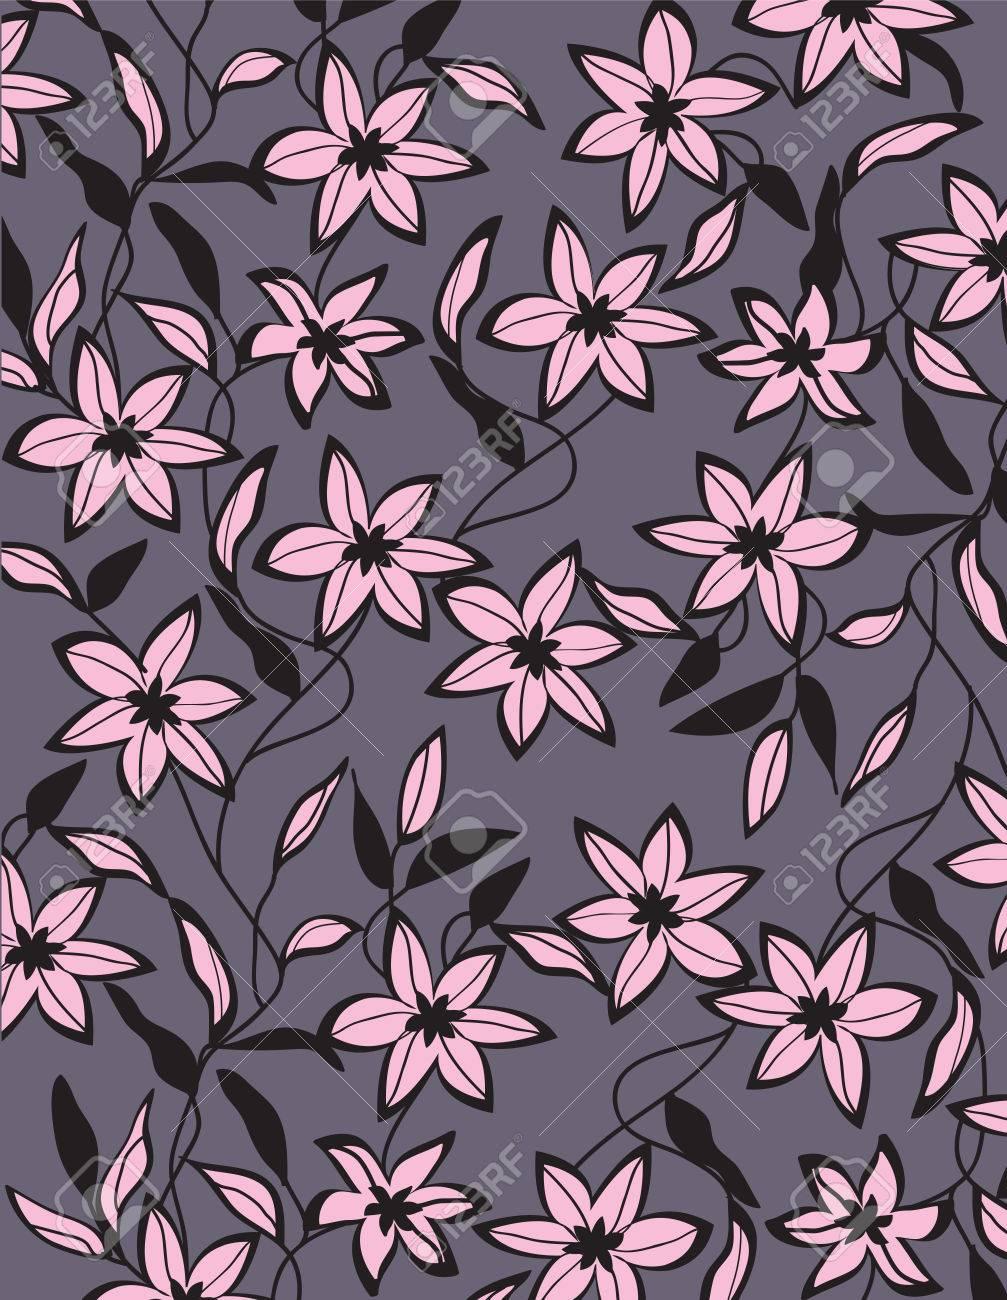 Sfondo Vintage Con Ornato Elegante Retrò Disegno Floreale Astratto Fiori Rosa E Neri E Foglie Su Sfondo Viola Grigio Illustrazione Vettoriale